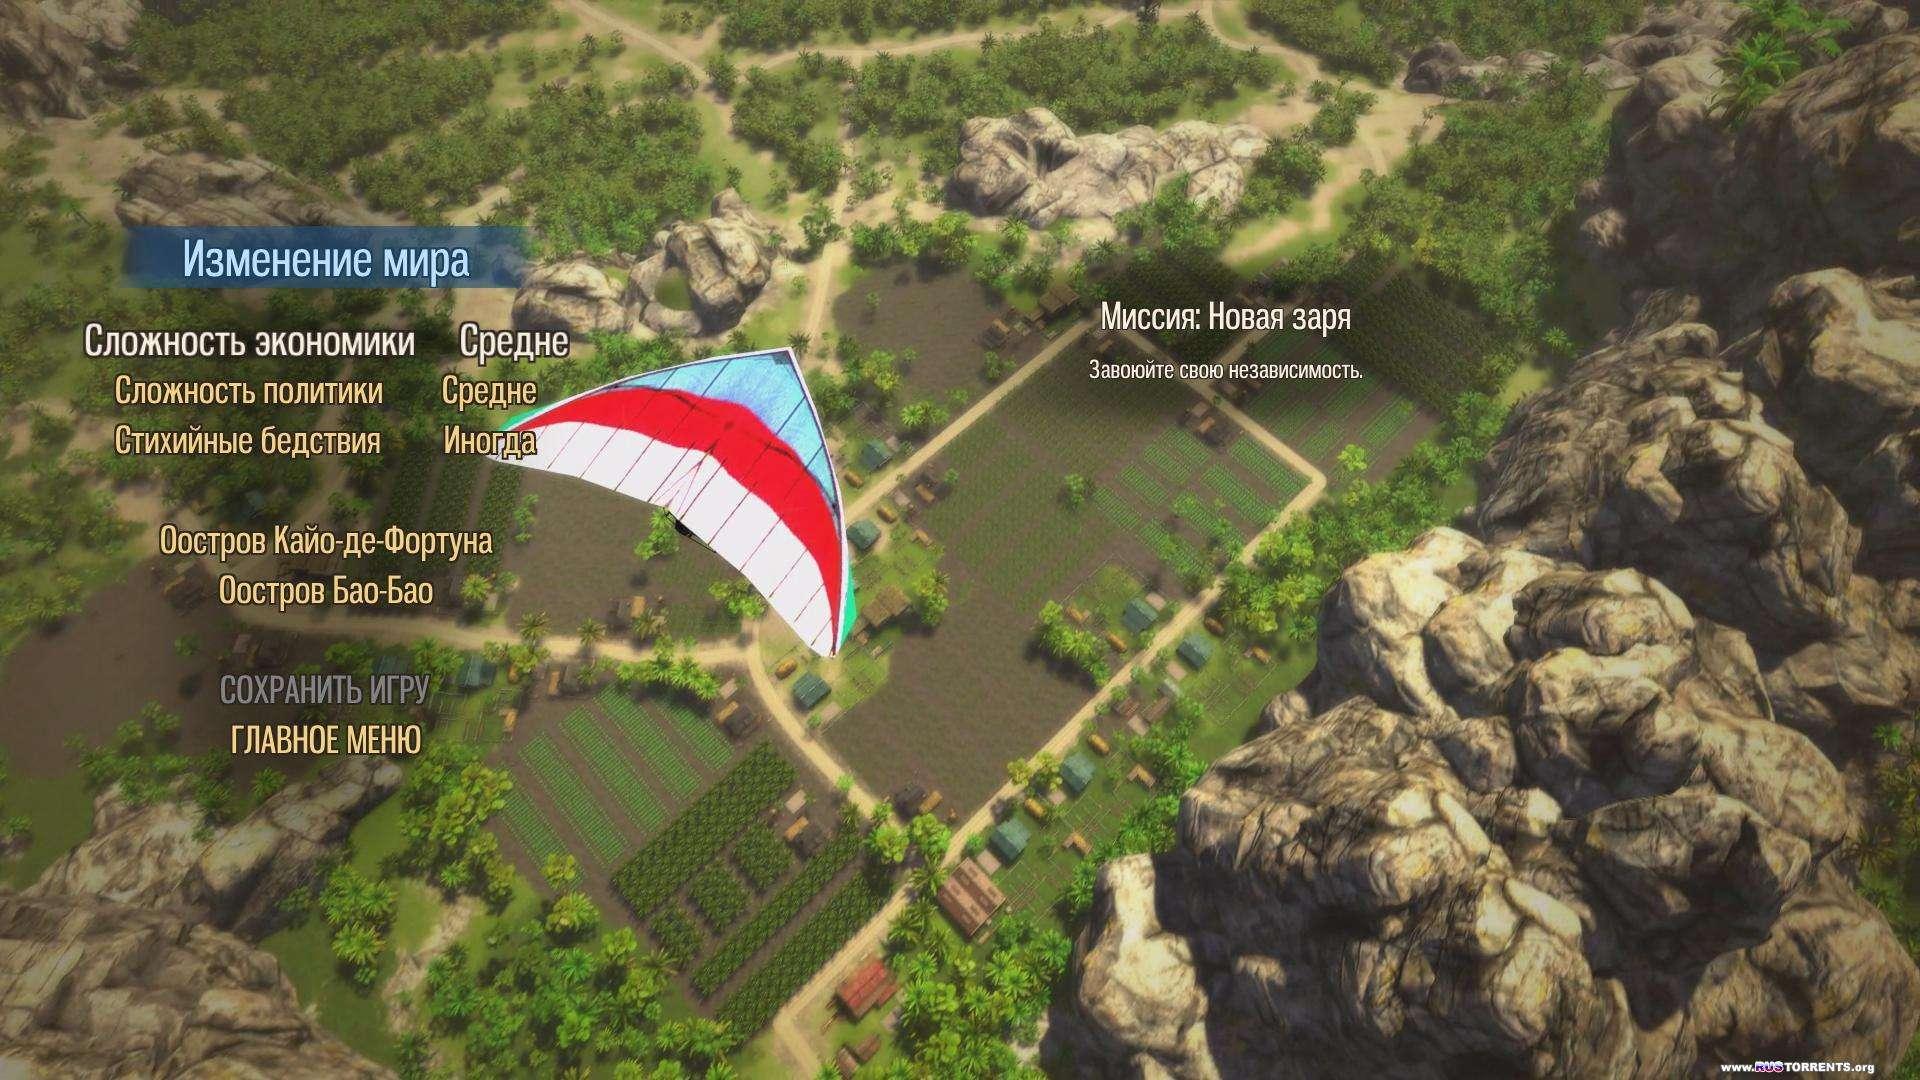 Tropico 5 [v 1.09 + 13 DLC] | PC | RePack от R.G. Steamgames